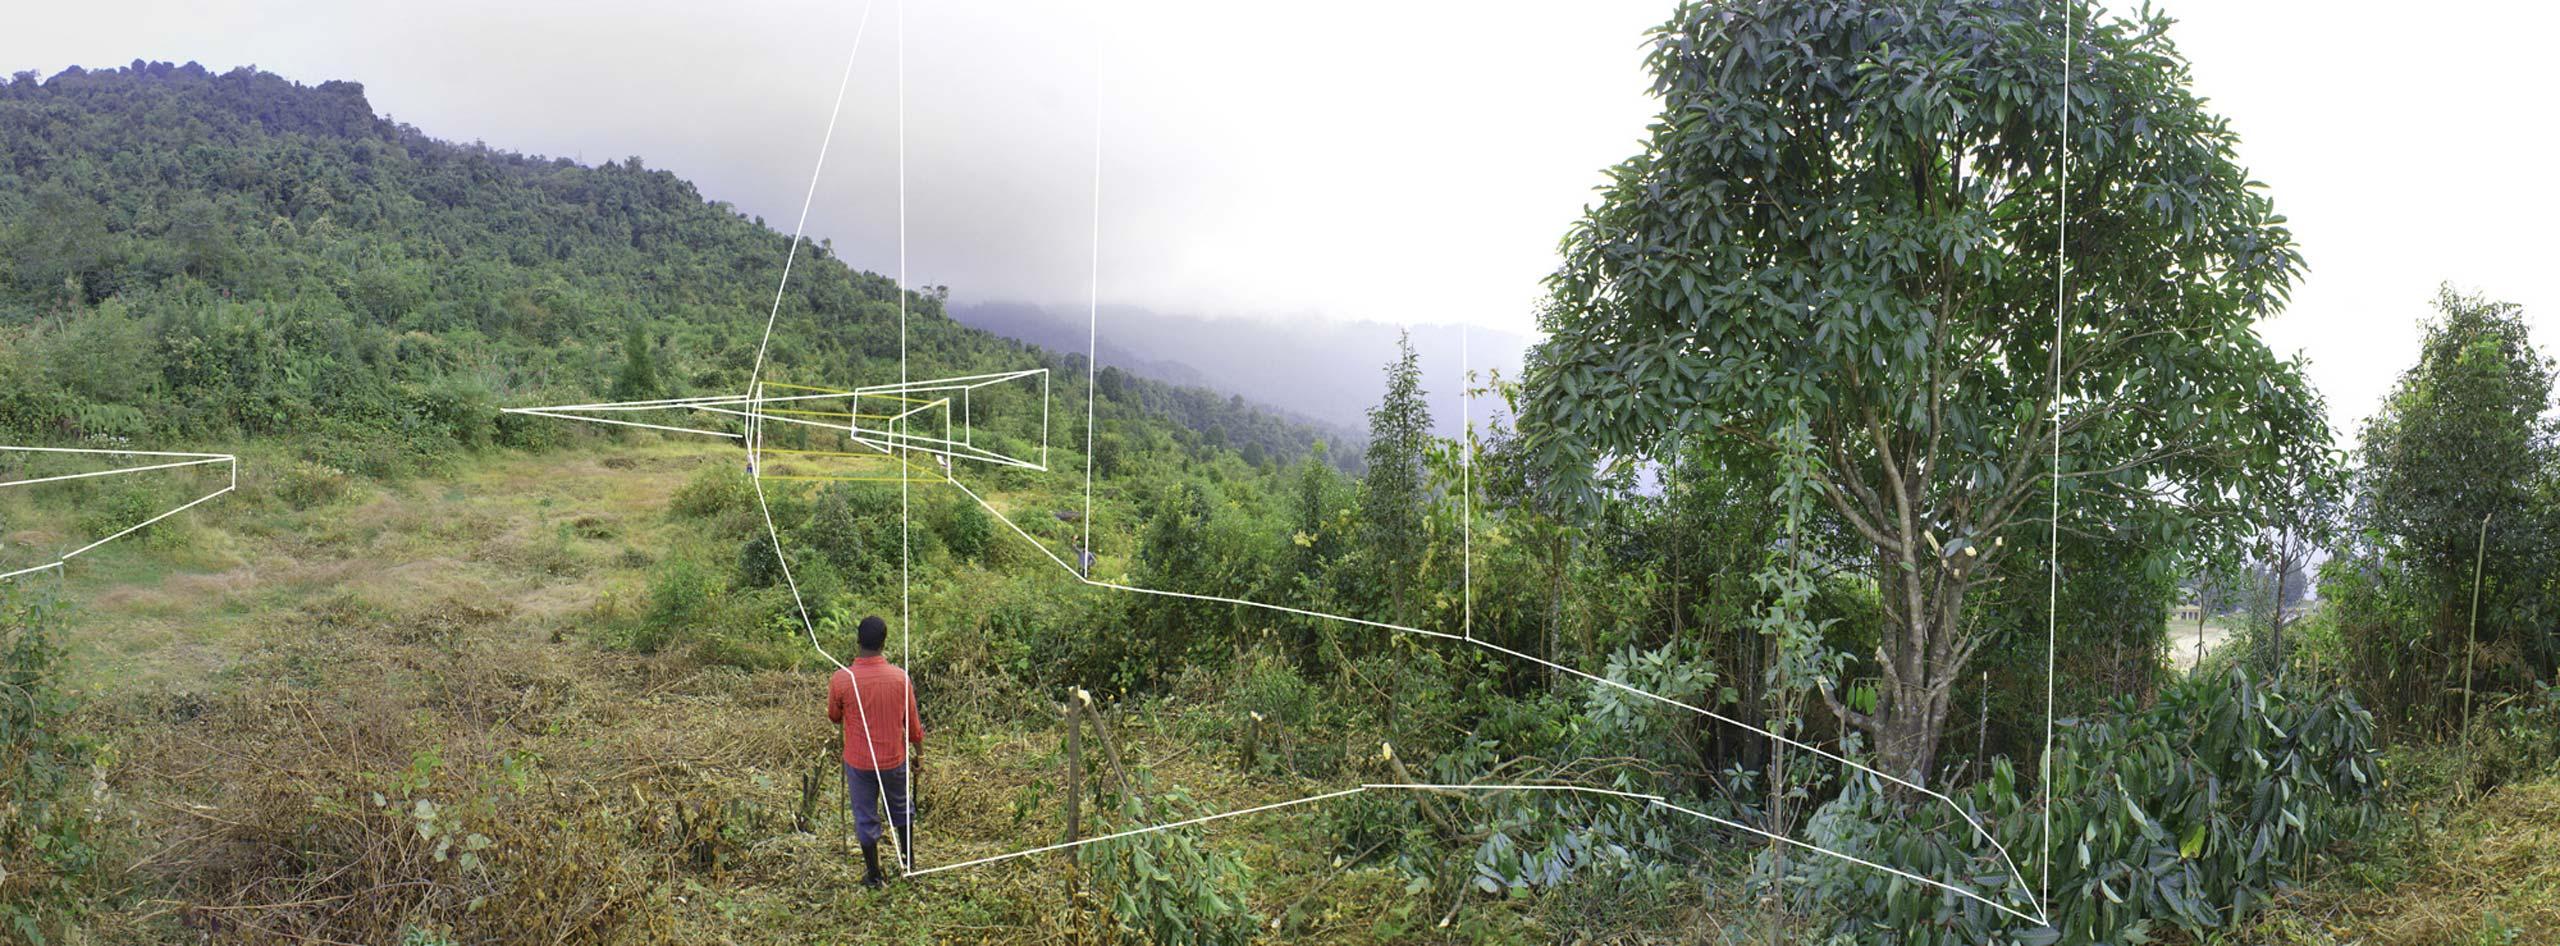 biodiversity training institute Sikkim india